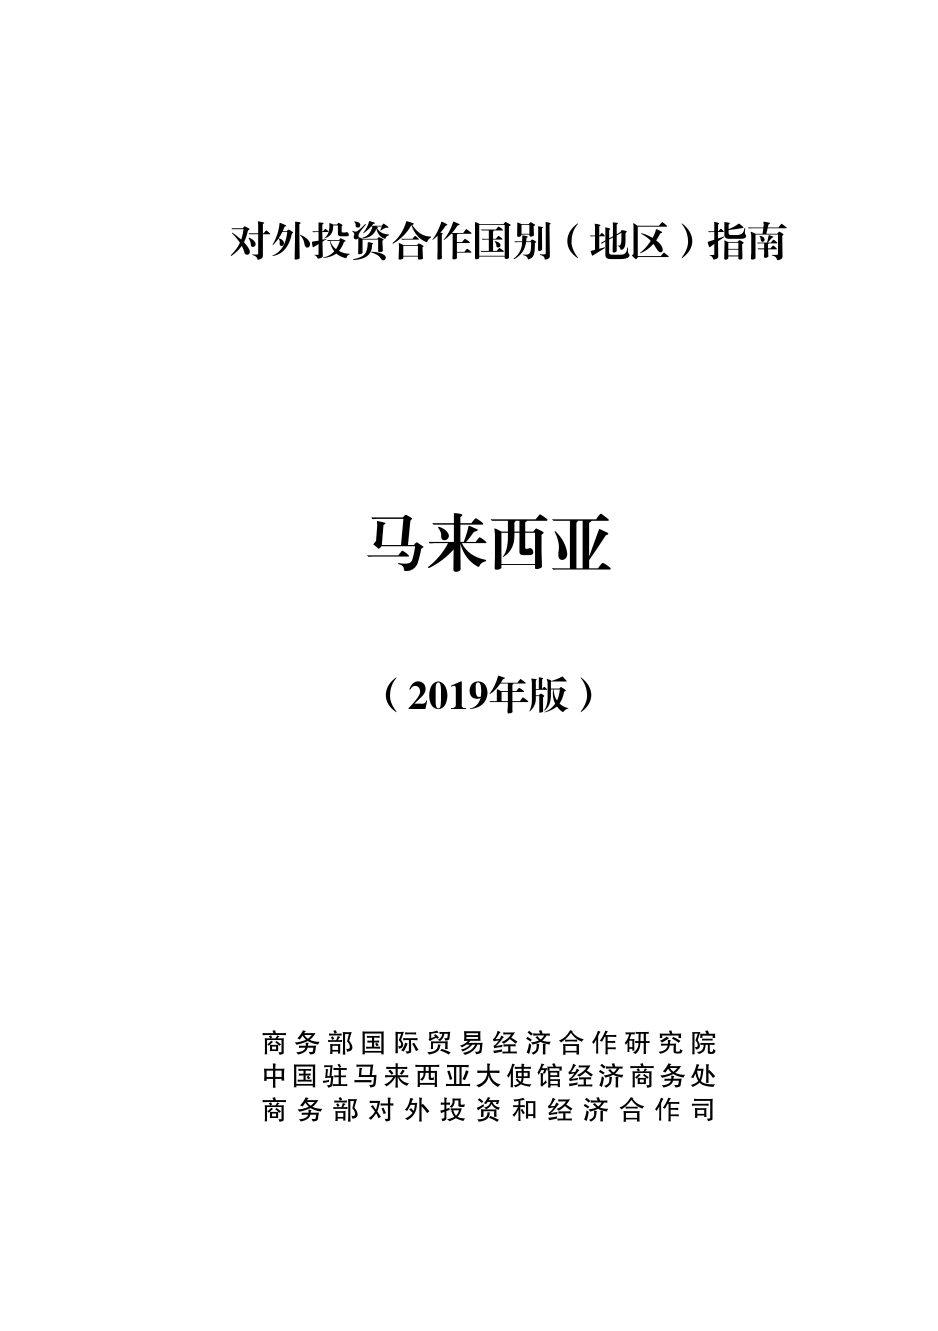 商务部:2019年对外投资合作国别(马来西亚)指南(附下载)